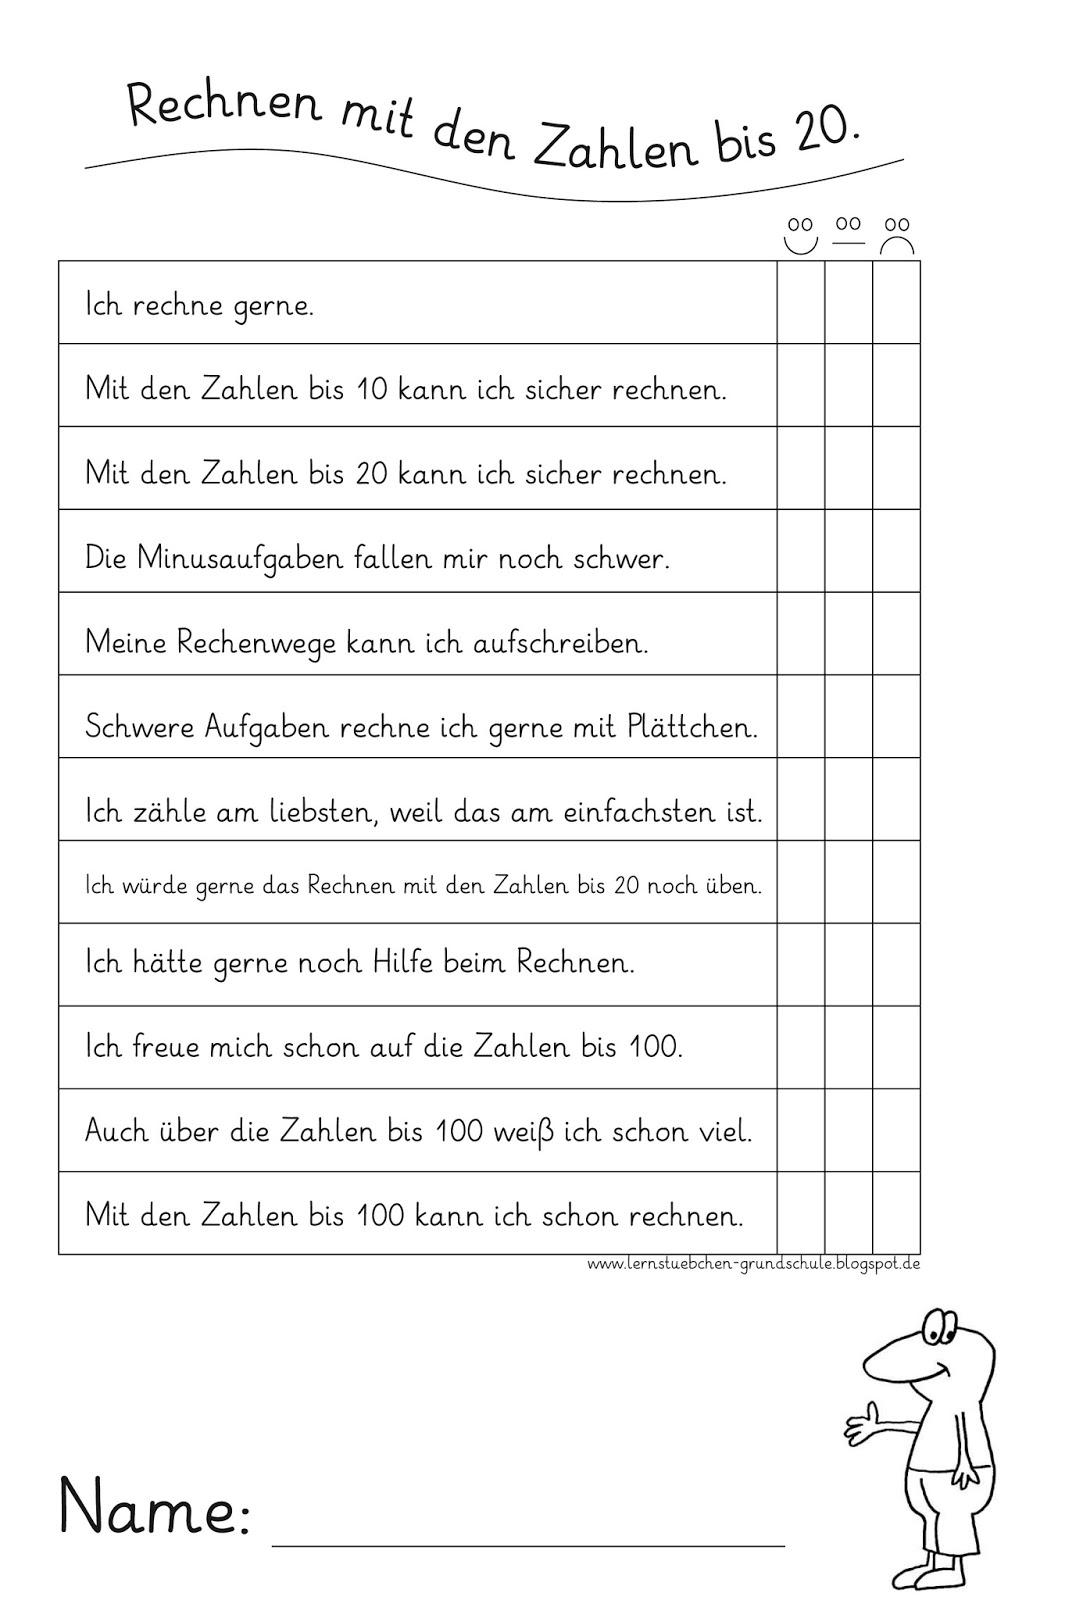 Lernstübchen: Mein Lernstand rund um die Zahlen bis 20